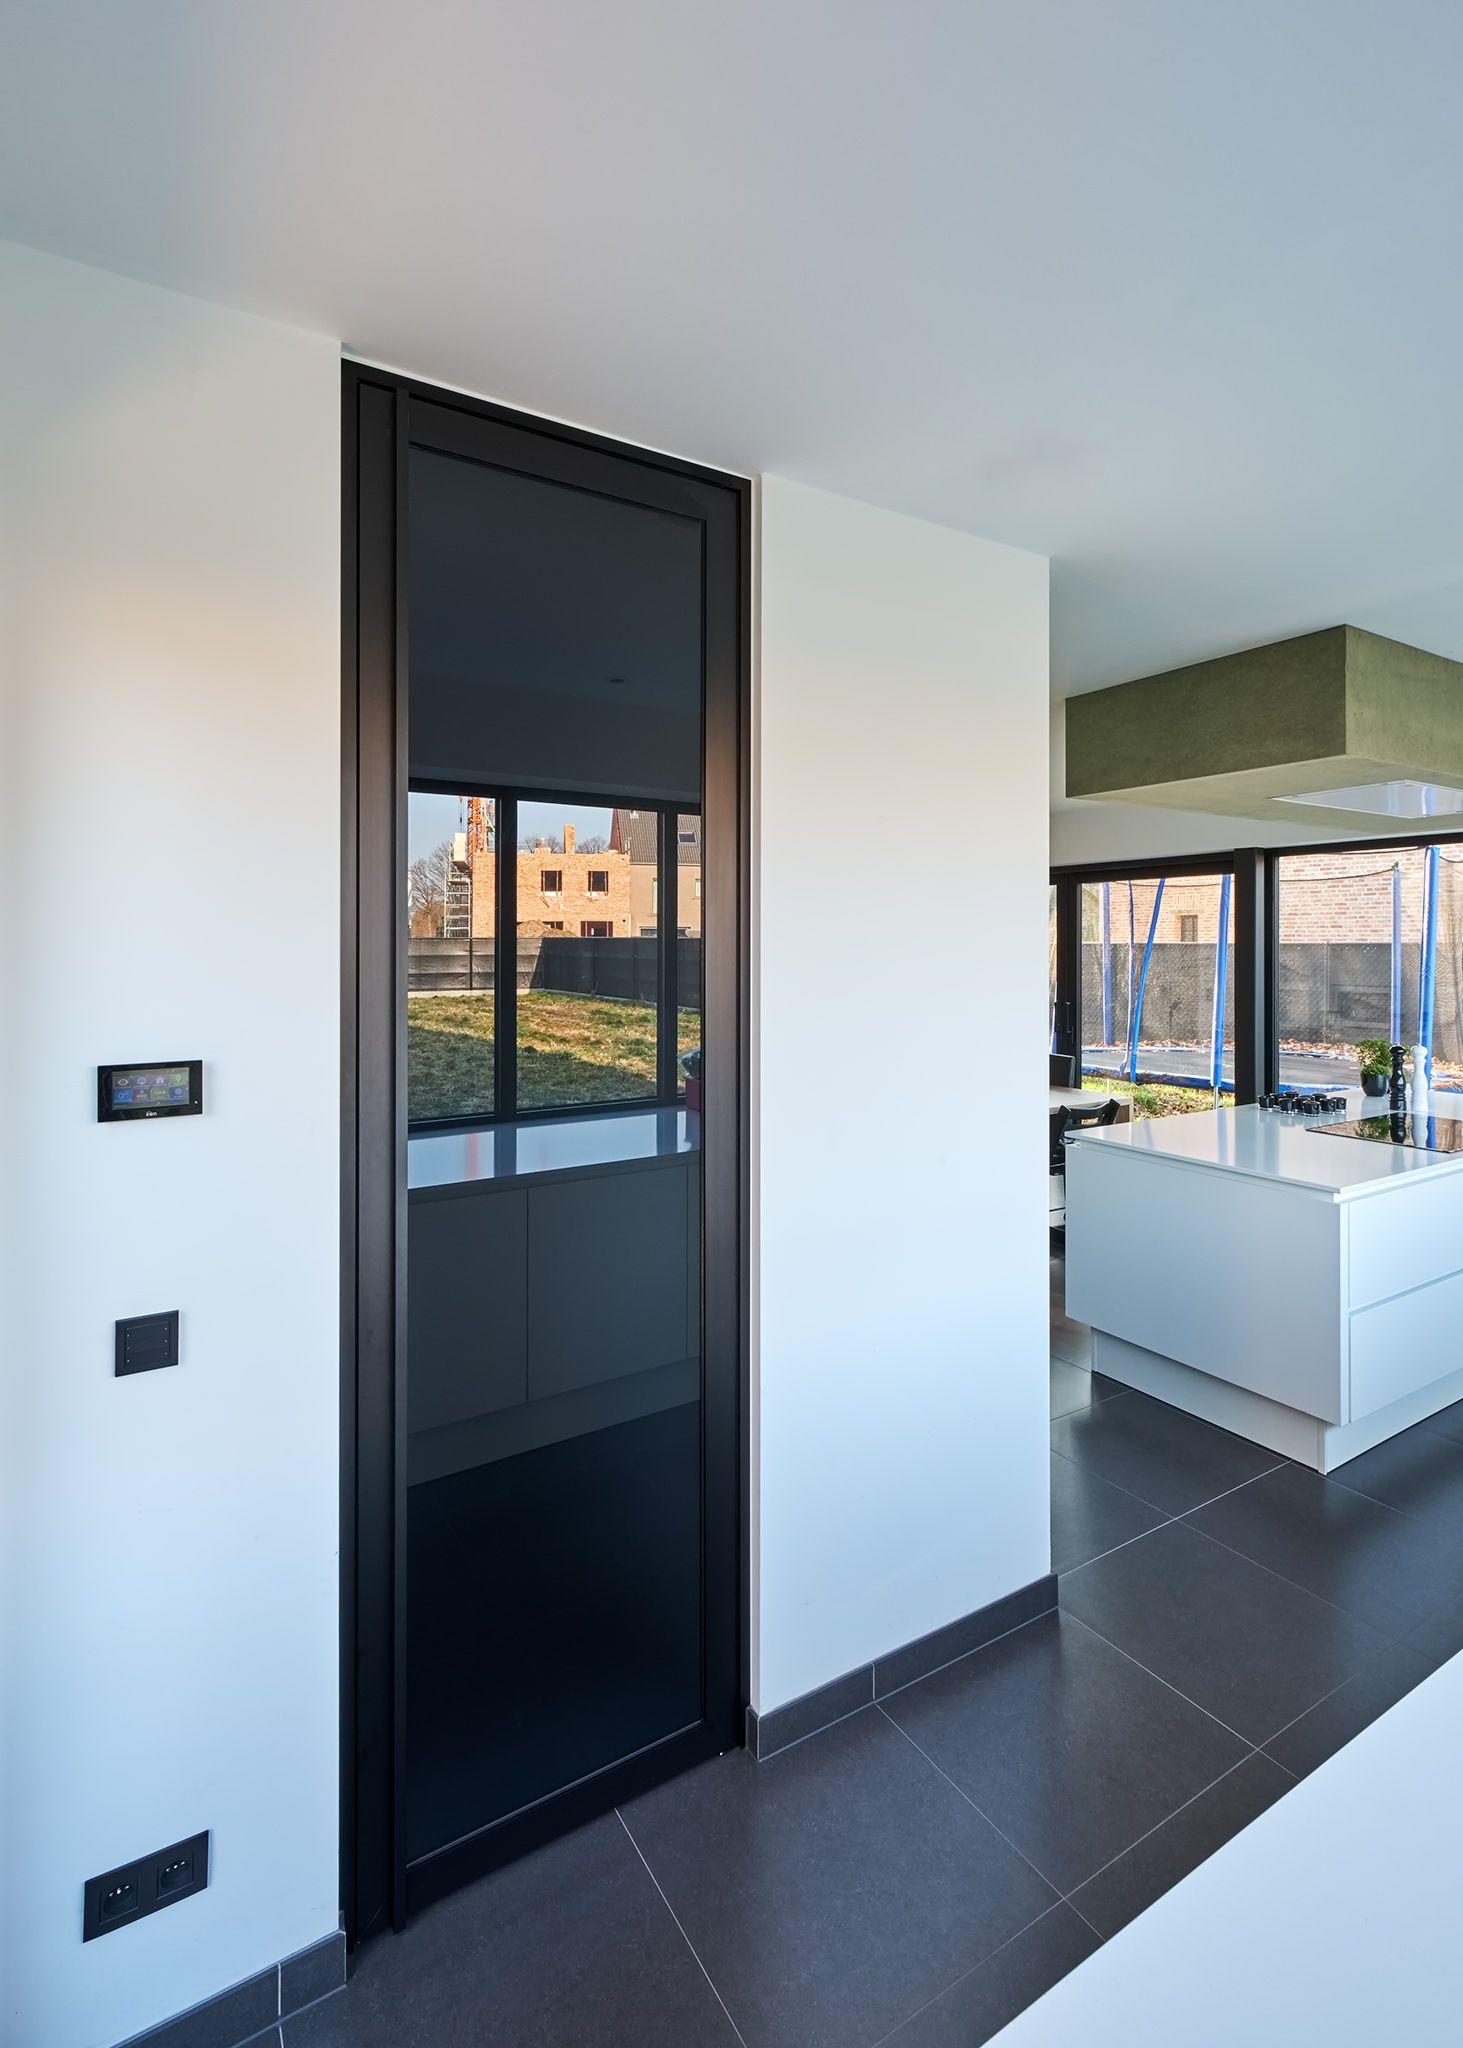 Porte vitrée noir sur mesure avec des profiles en aluminium anodisé noir - ANYWAYdoors